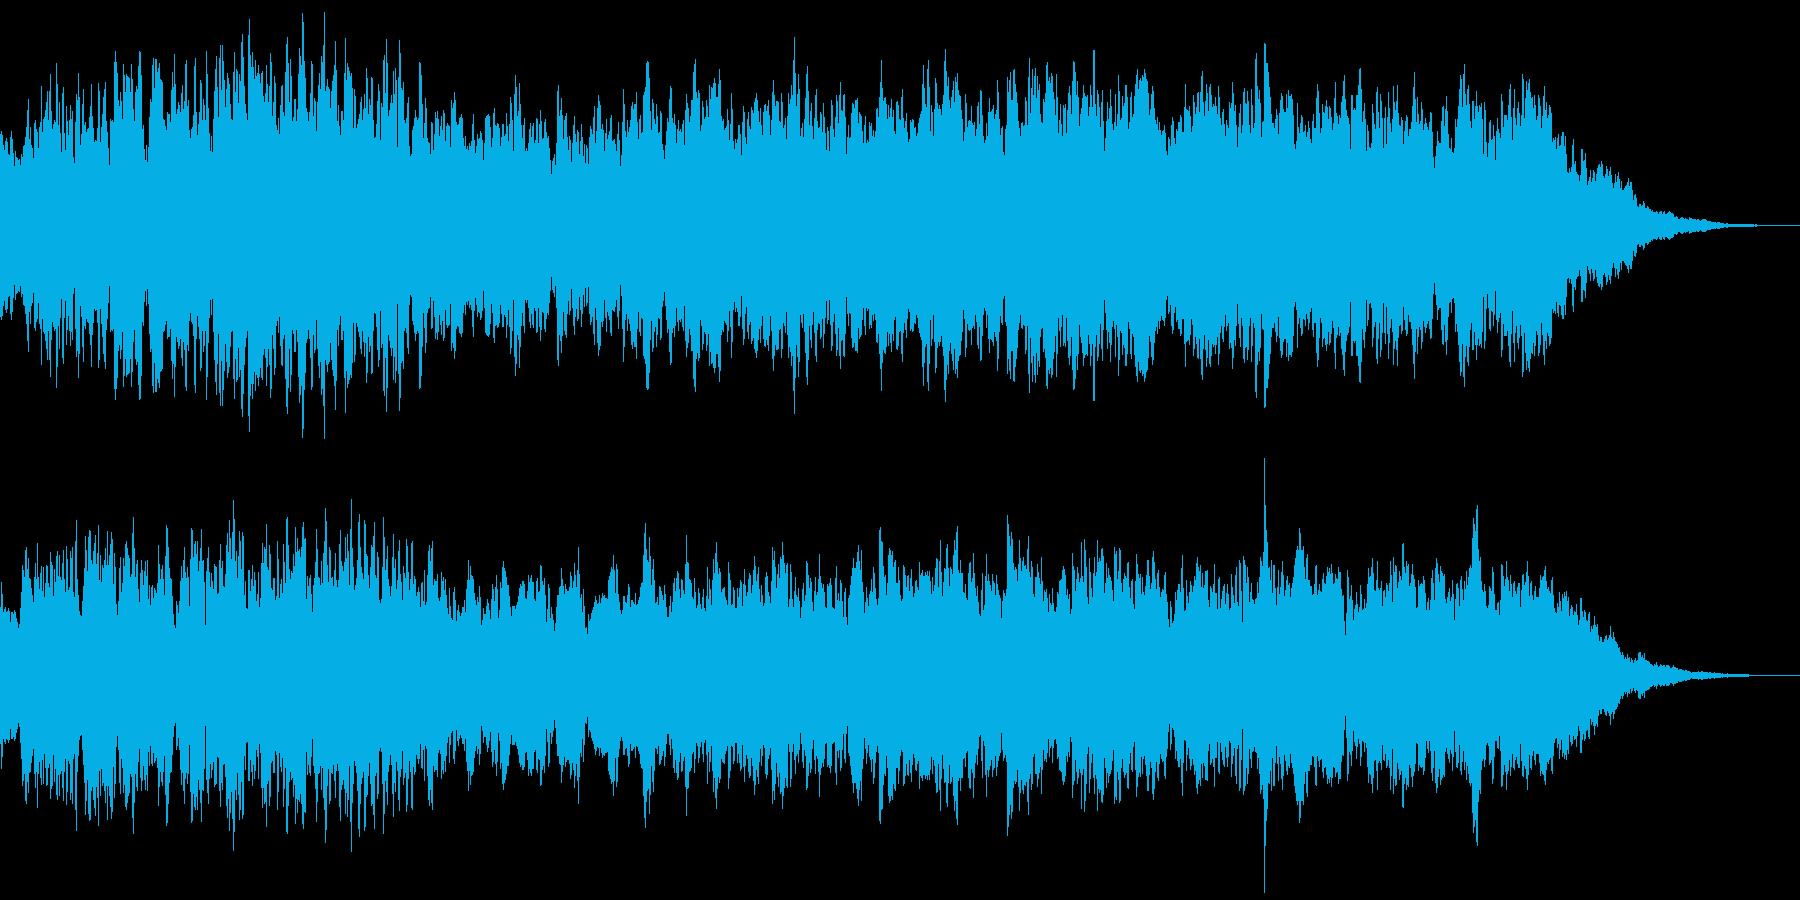 感動表現、CM,ブライダル、ショートAの再生済みの波形